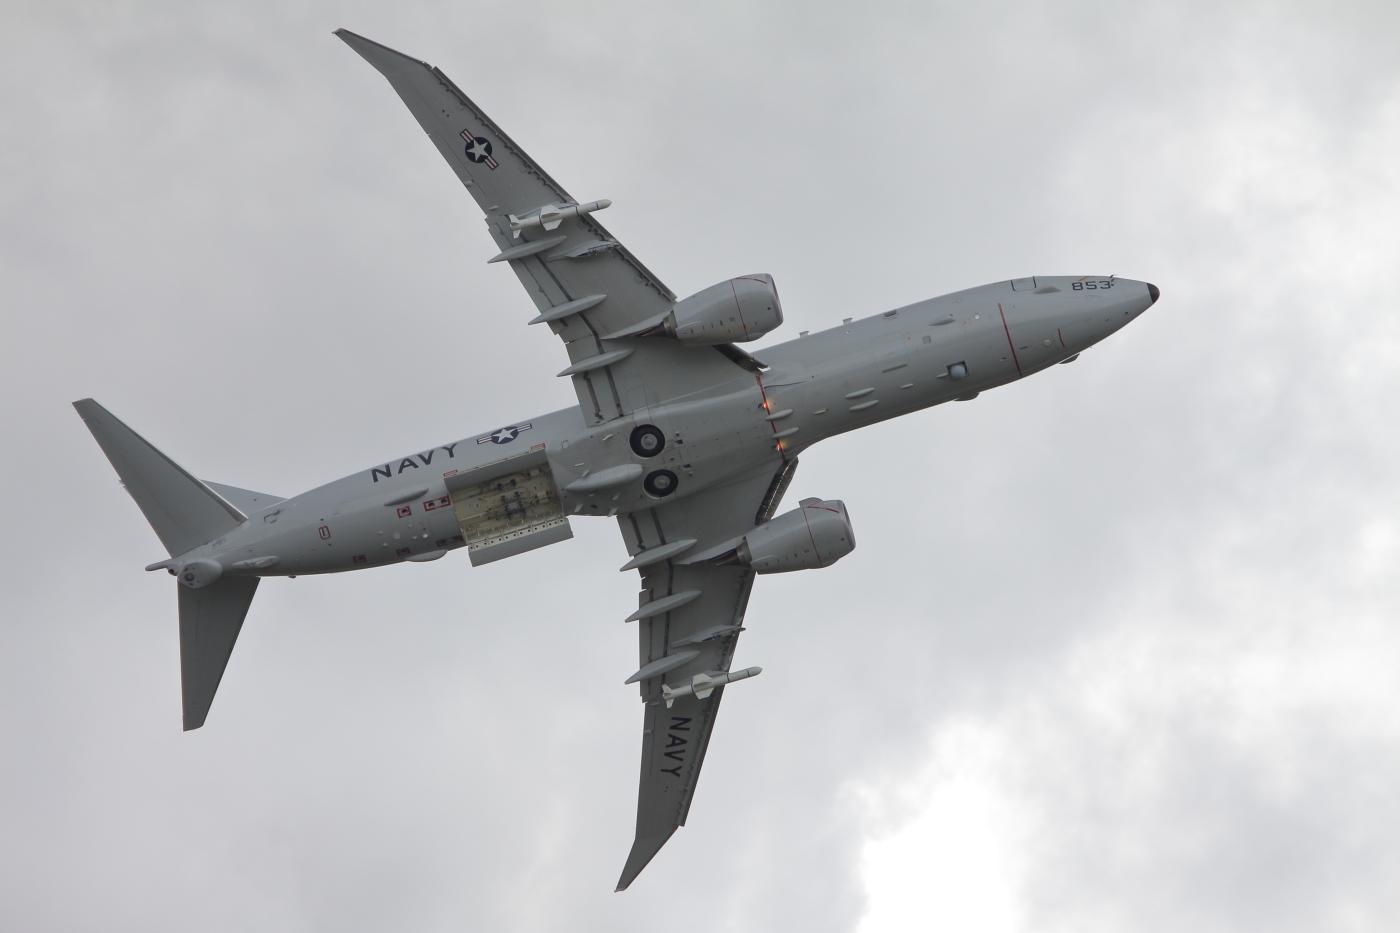 P-8 Poseidon z otwartą komorą bombową (Łukasz Golowanow, Konflikty.pl)